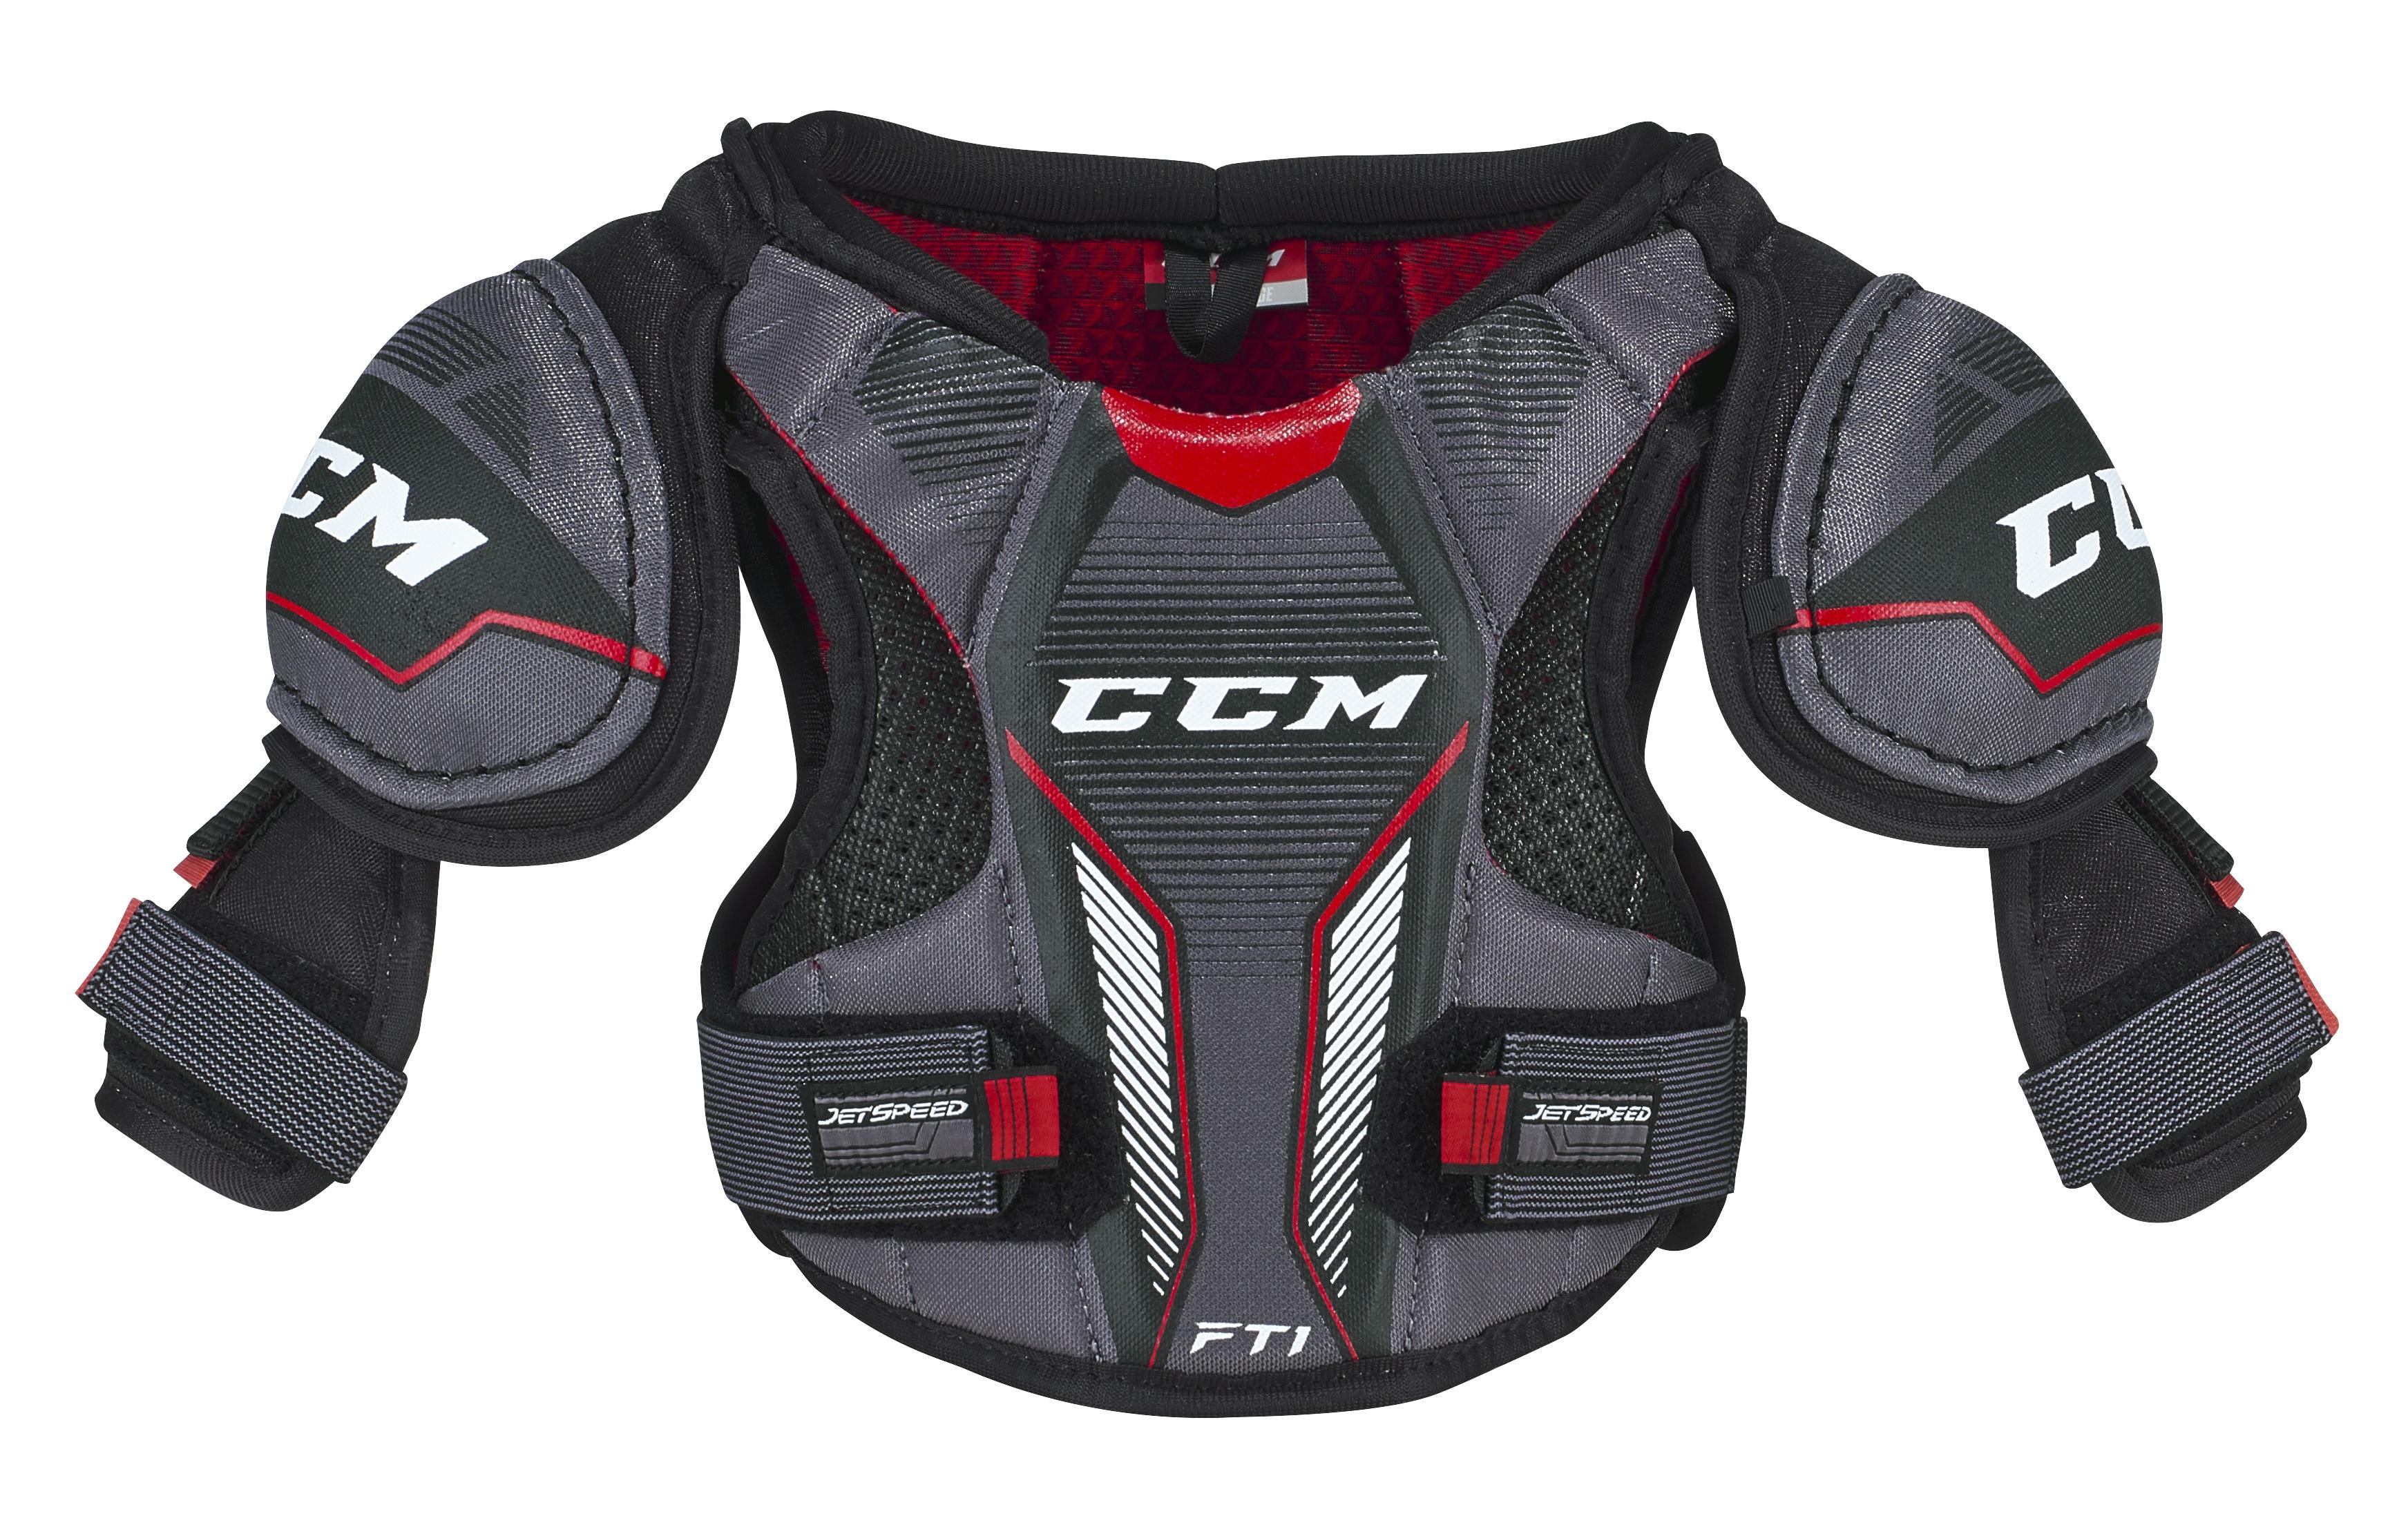 CCM Jetspeed FT1 Shoulder Pad-Youth